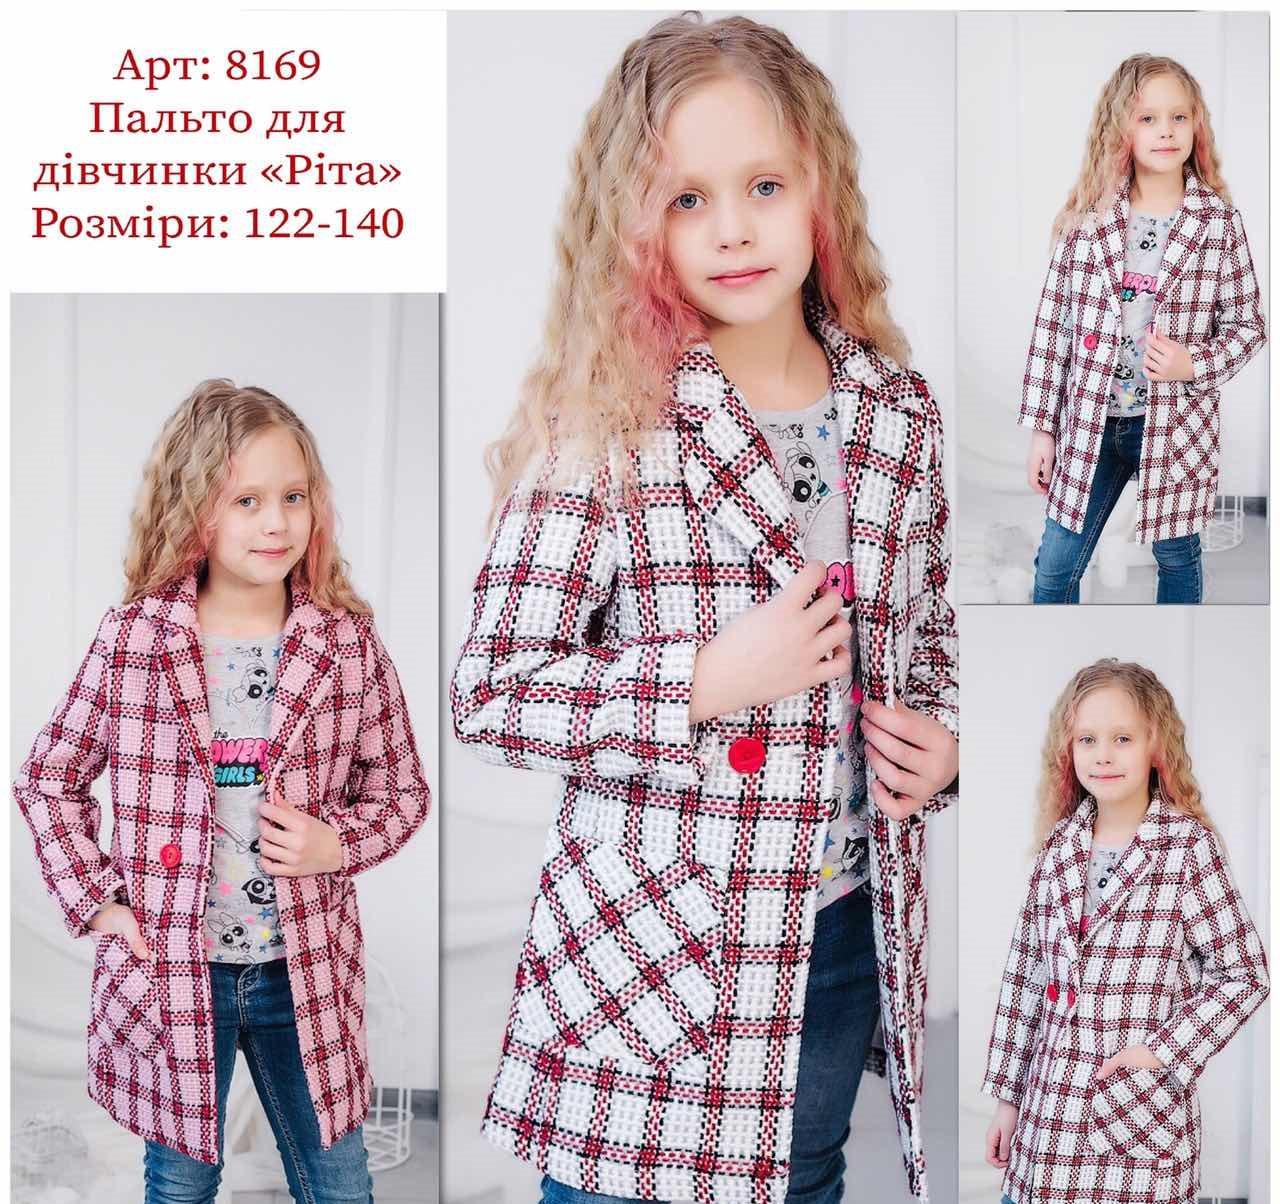 Детское пальто демисезонное для девочки Рита, размеры 122-140